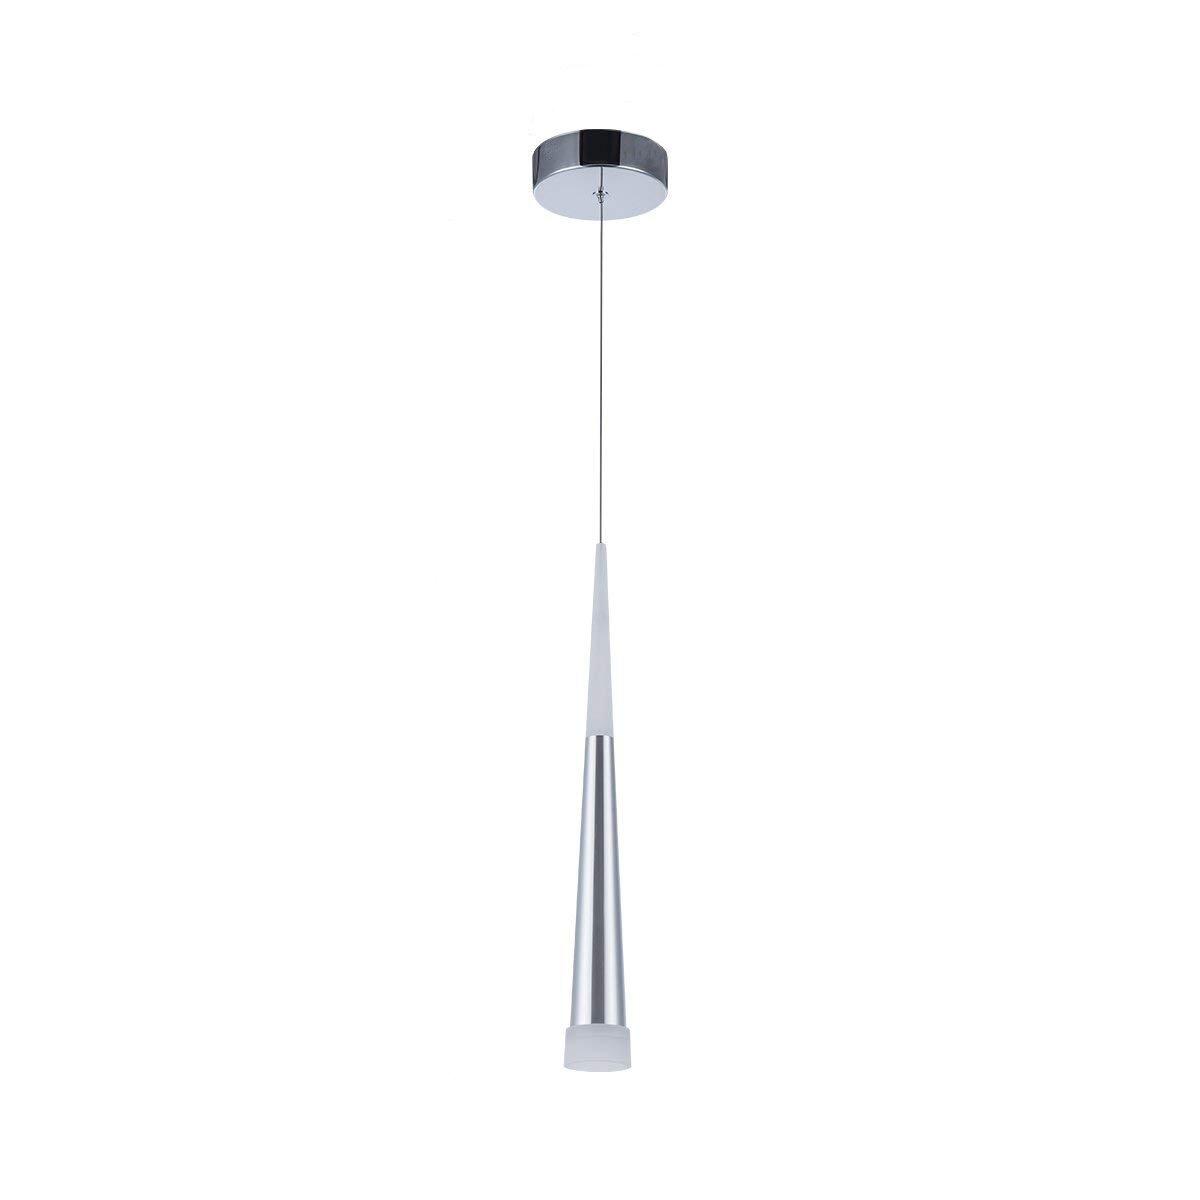 Lámpara colgante moderna, STARRYOL 7W LED Lámpara de techo con estilo cono, perfecta para